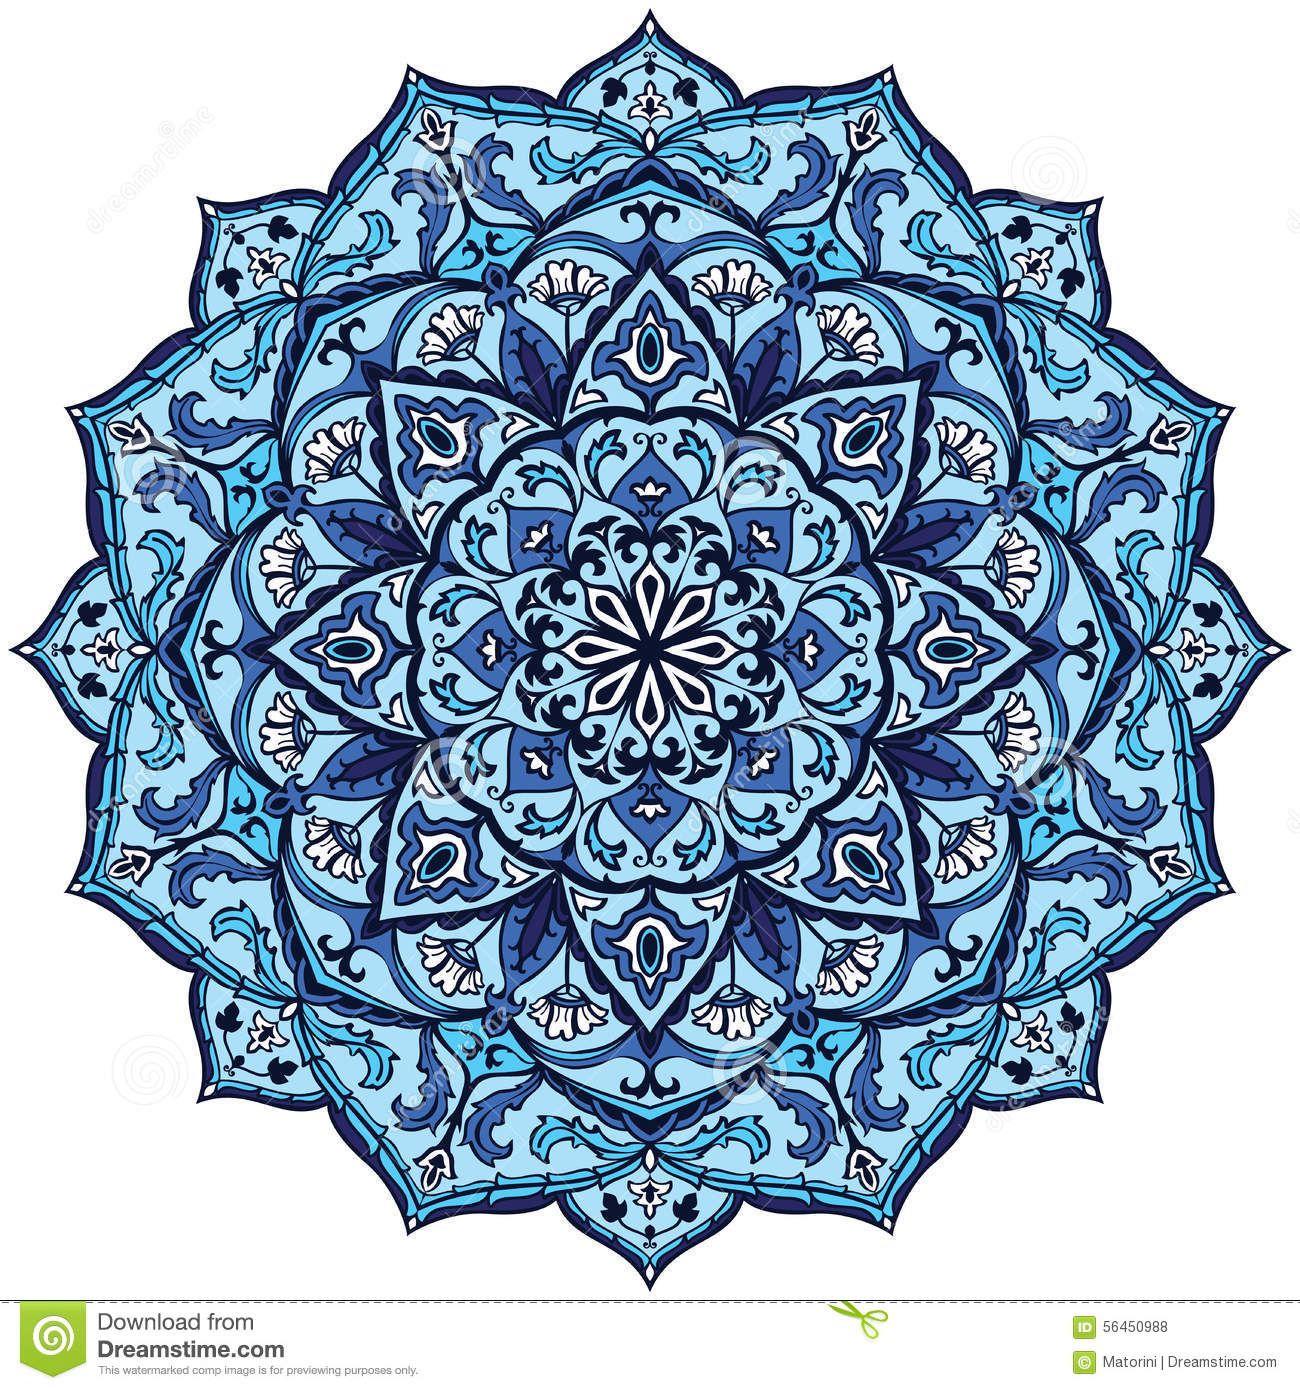 Mandala De Bleu De Vintage Illustration De Vecteur Image 56450988 Decor Islamique Mandala Illustration